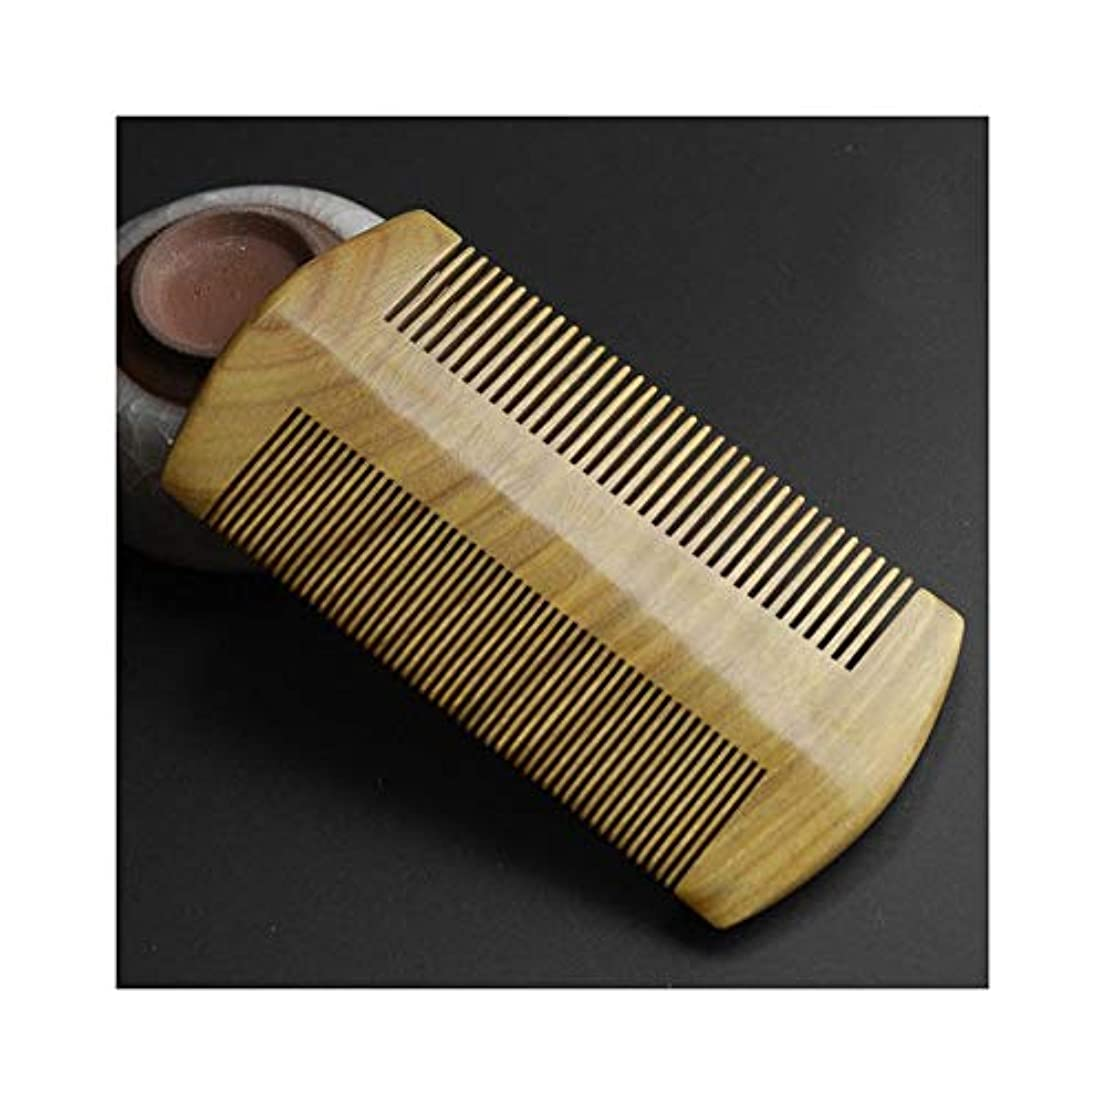 リーダーシップピボット独立したVDGHA 木毛 両面木製のくしメンズビアードカーリーストレートヘアブラシブラシ手作り抗静的グリーンサンダルウッドマッサージ サンダルウッドの自然な髪の櫛 (色 : オレンジ)